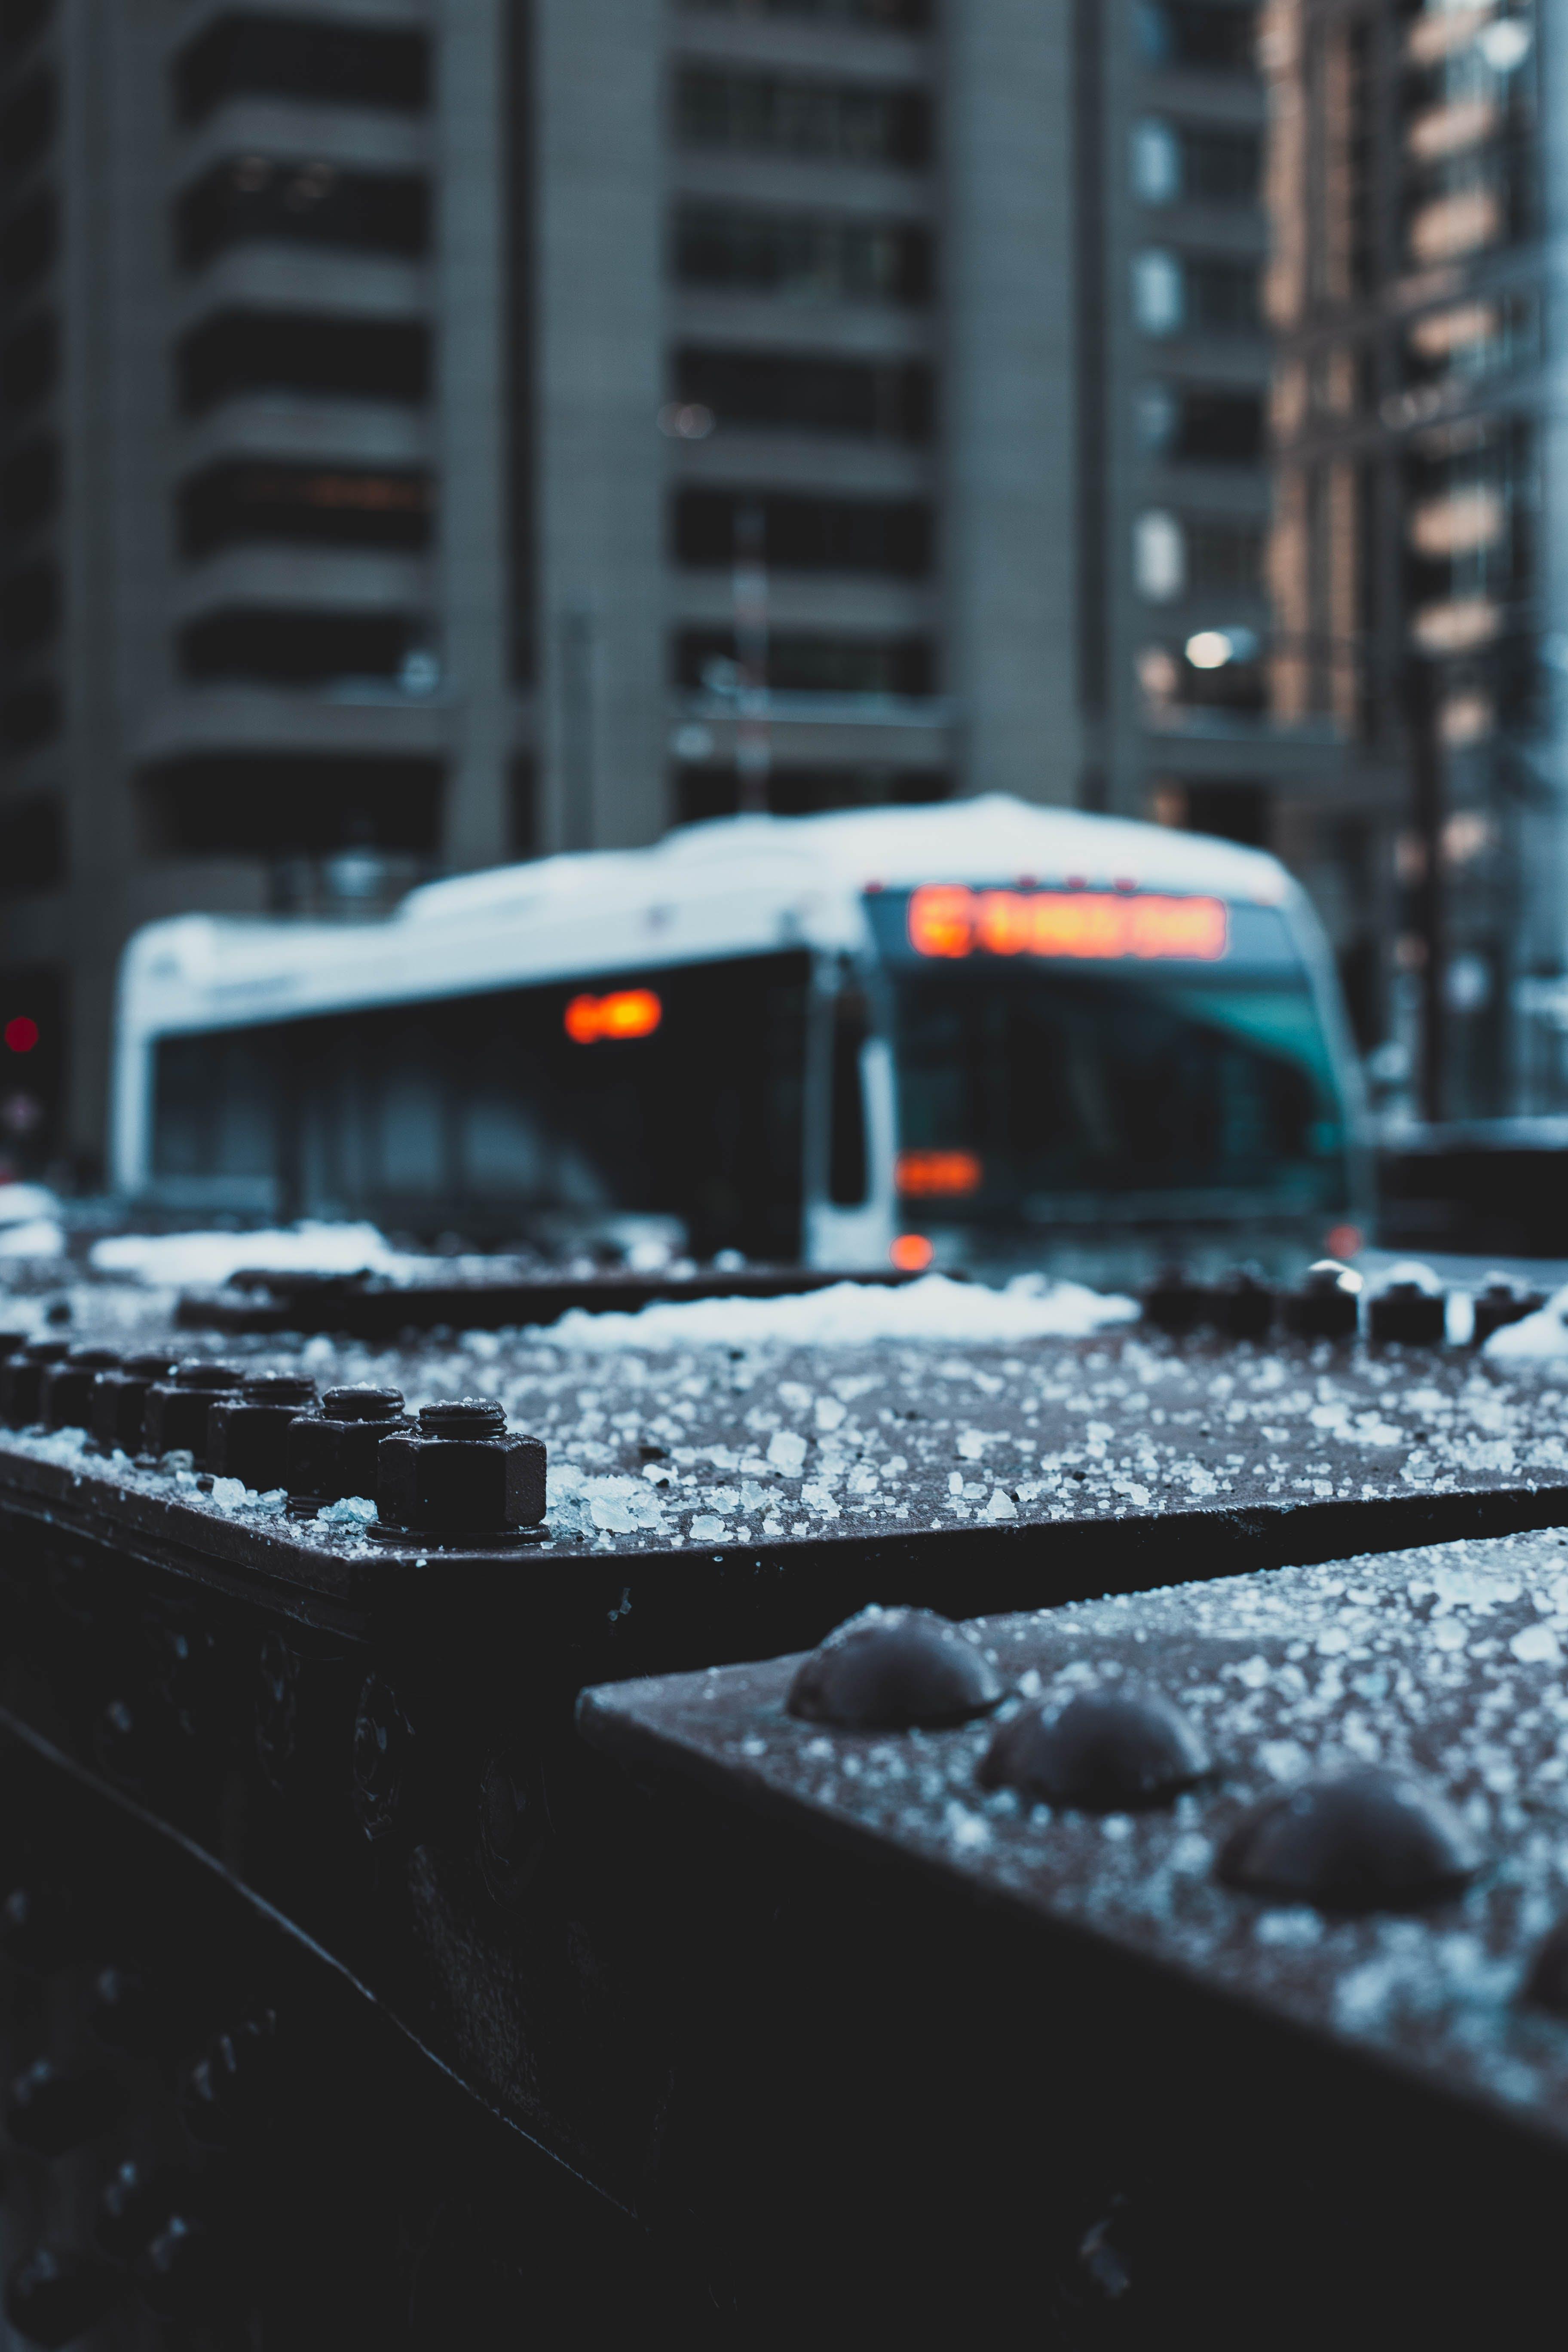 Gratis stockfoto met selectieve aandacht, treinspoor